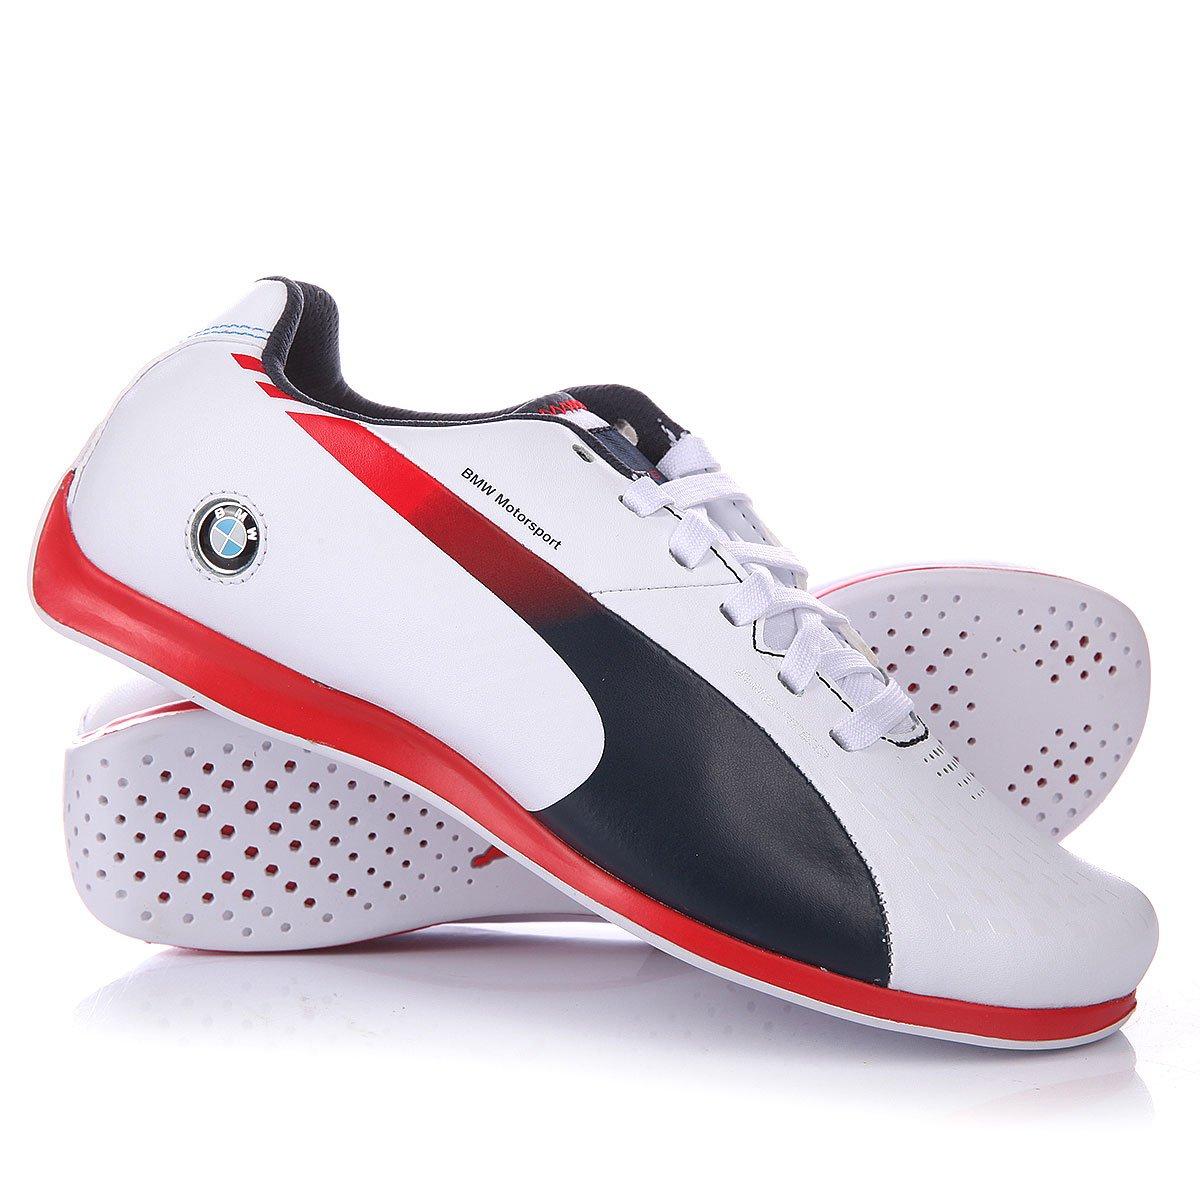 Купить кроссовки детские Puma Evospeed Lo Bmw Team Junior White Bmw ... 622a27b3631